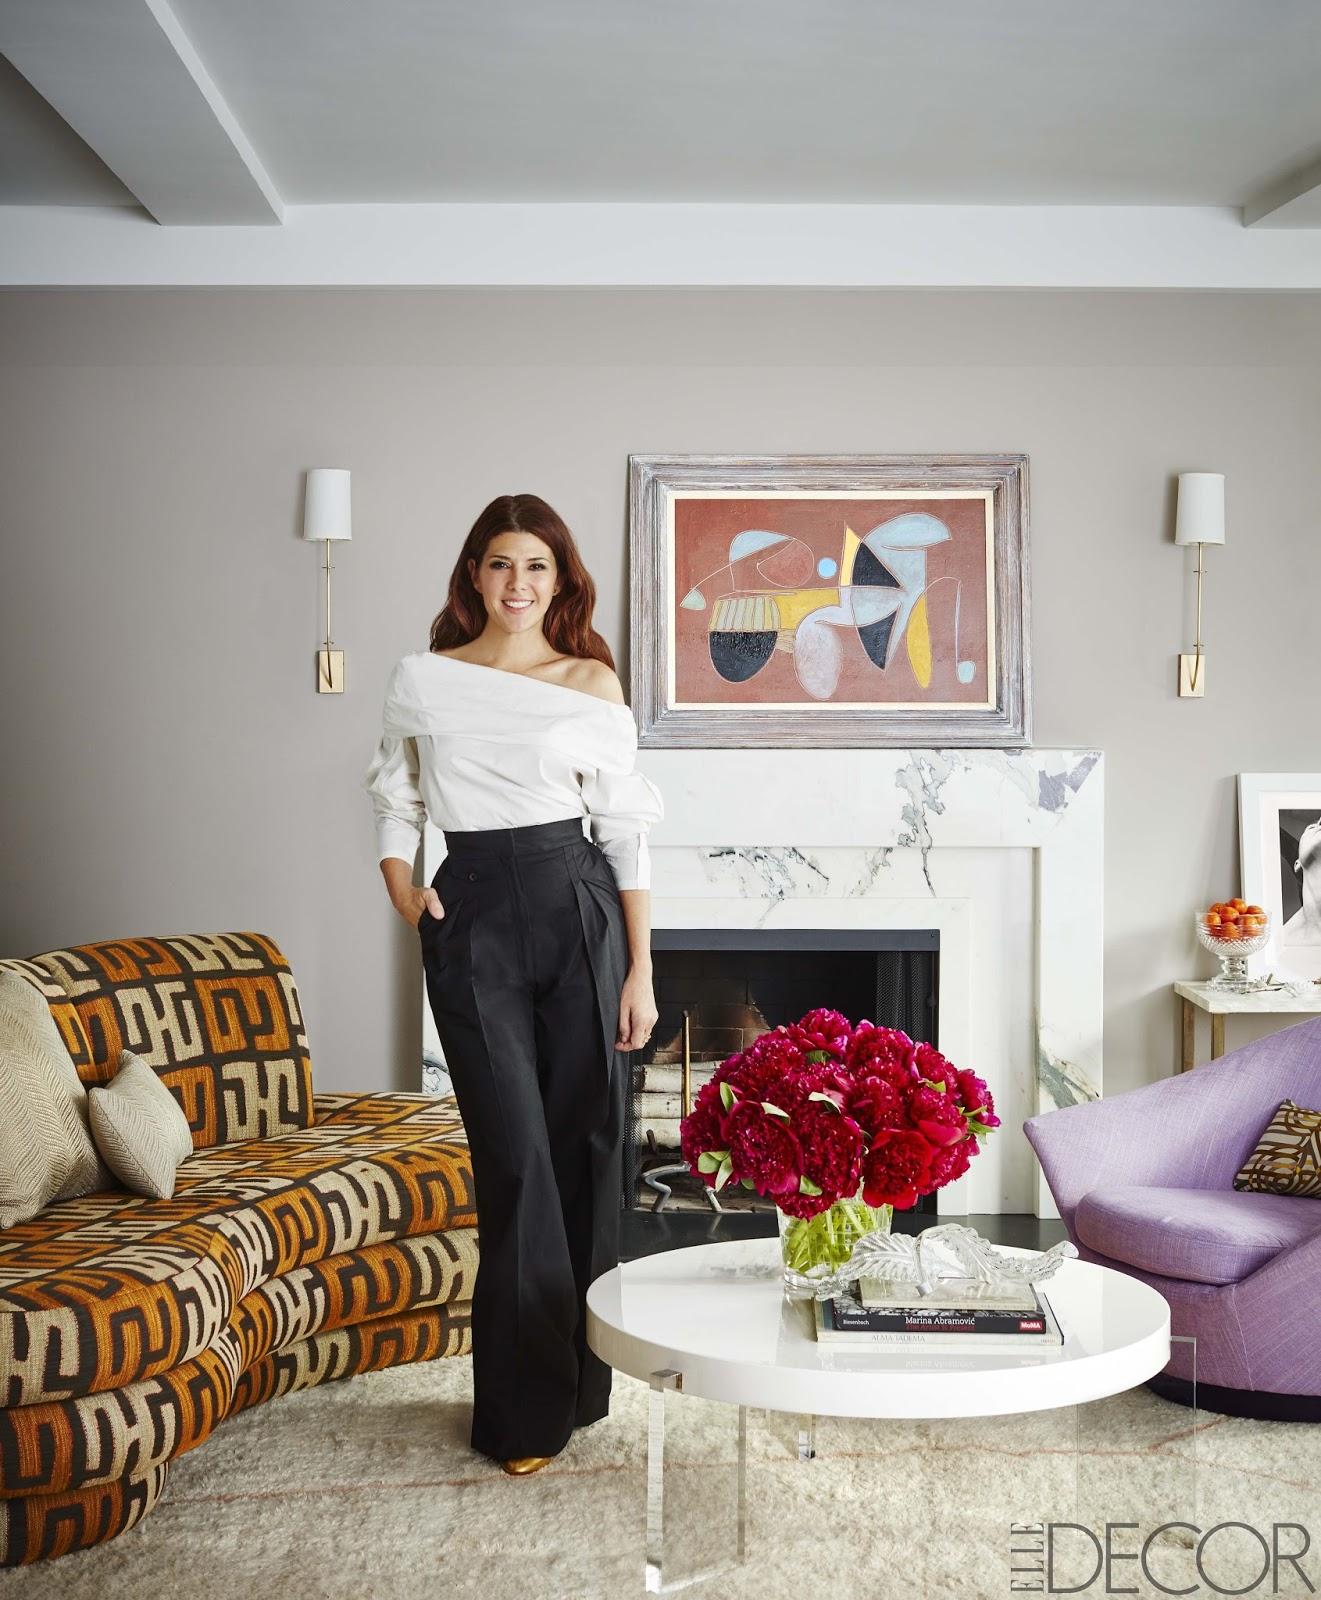 DecaPorter Imagination Home SNEAK PEAK Marisa Tomeis